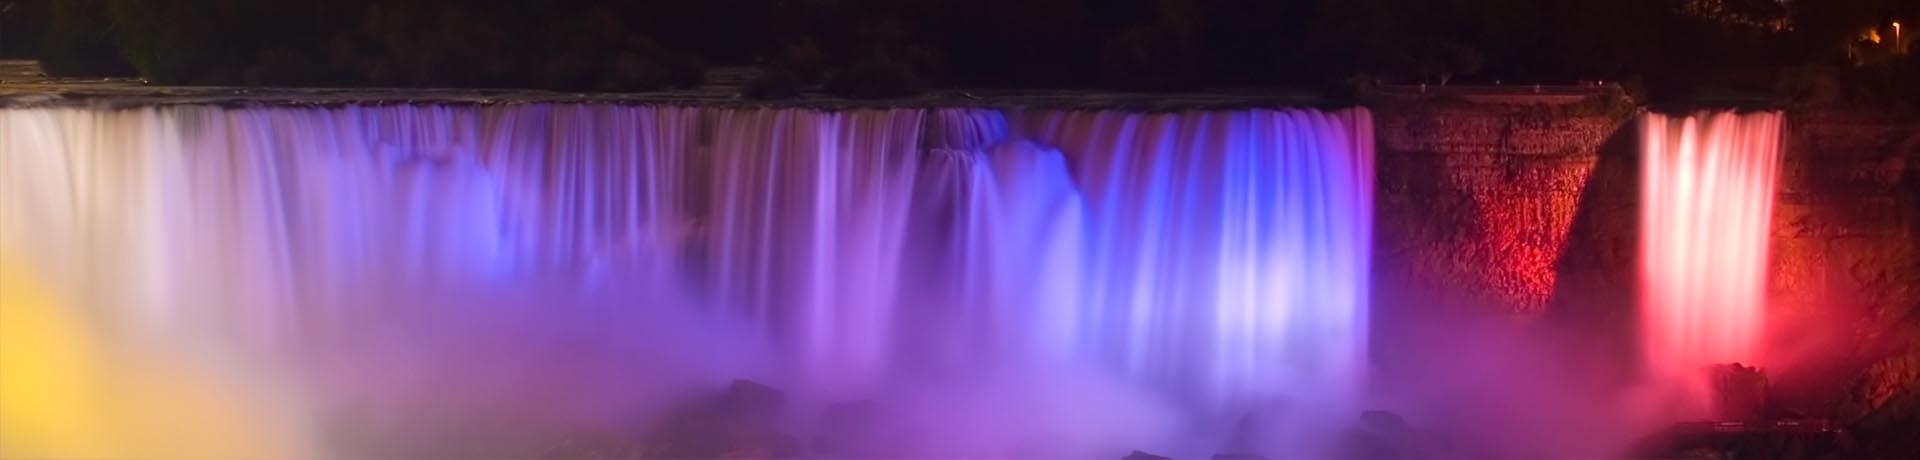 Niagara Falls at night with the lights